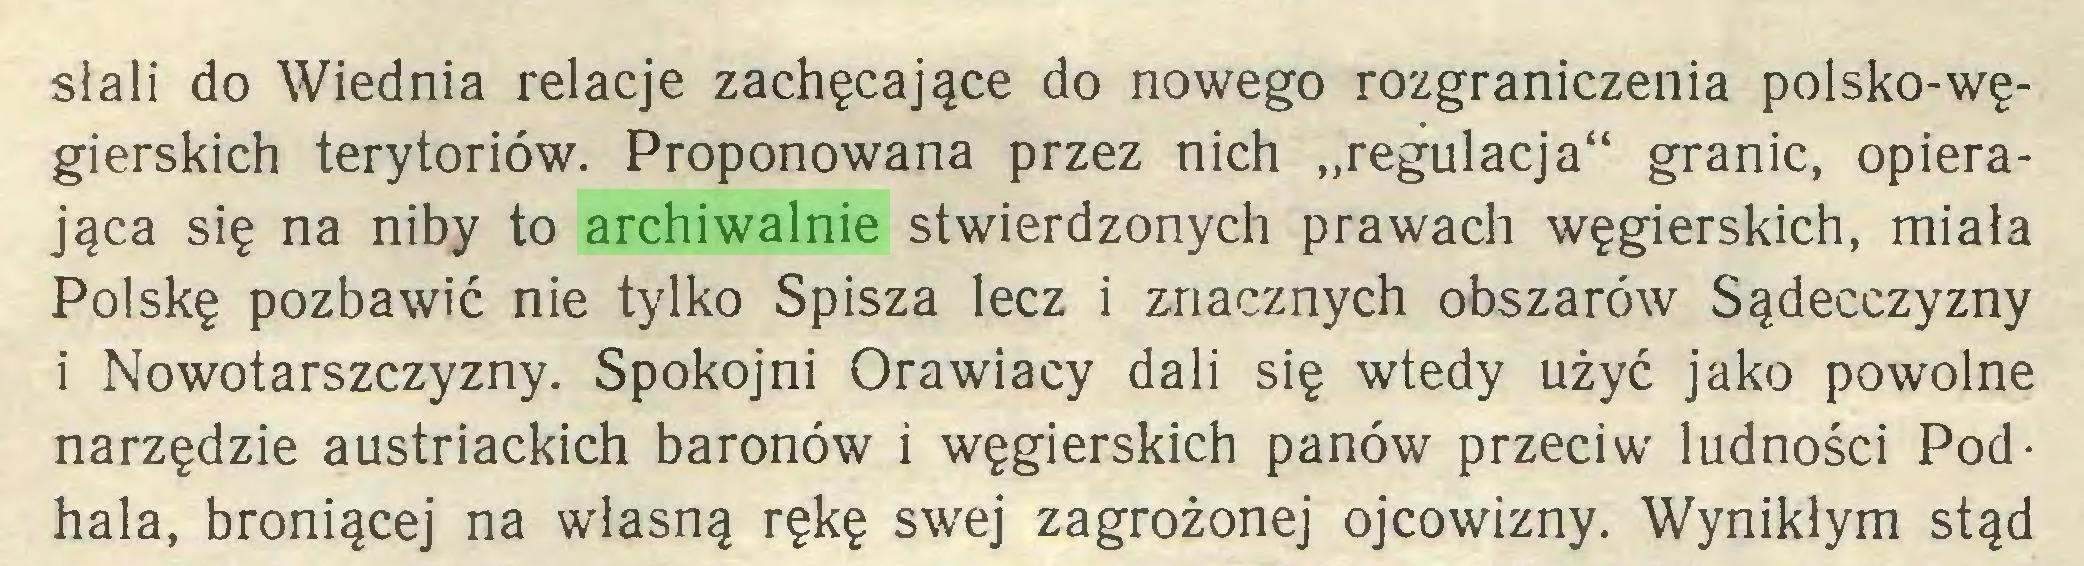 """(...) słali do Wiednia relacje zachęcające do nowego rozgraniczenia polsko-węgierskich terytoriów. Proponowana przez nich """"regulacja"""" granic, opierająca się na niby to archiwalnie stwierdzonych prawach węgierskich, miała Polskę pozbawić nie tylko Spiszą lecz i znacznych obszarów Sądecczyzny i Nowotarszczyzny. Spokojni Orawiacy dali się wtedy użyć jako powolne narzędzie austriackich baronów i węgierskich panów przeciw ludności Podhala, broniącej na własną rękę swej zagrożonej ojcowizny. Wynikłym stąd..."""